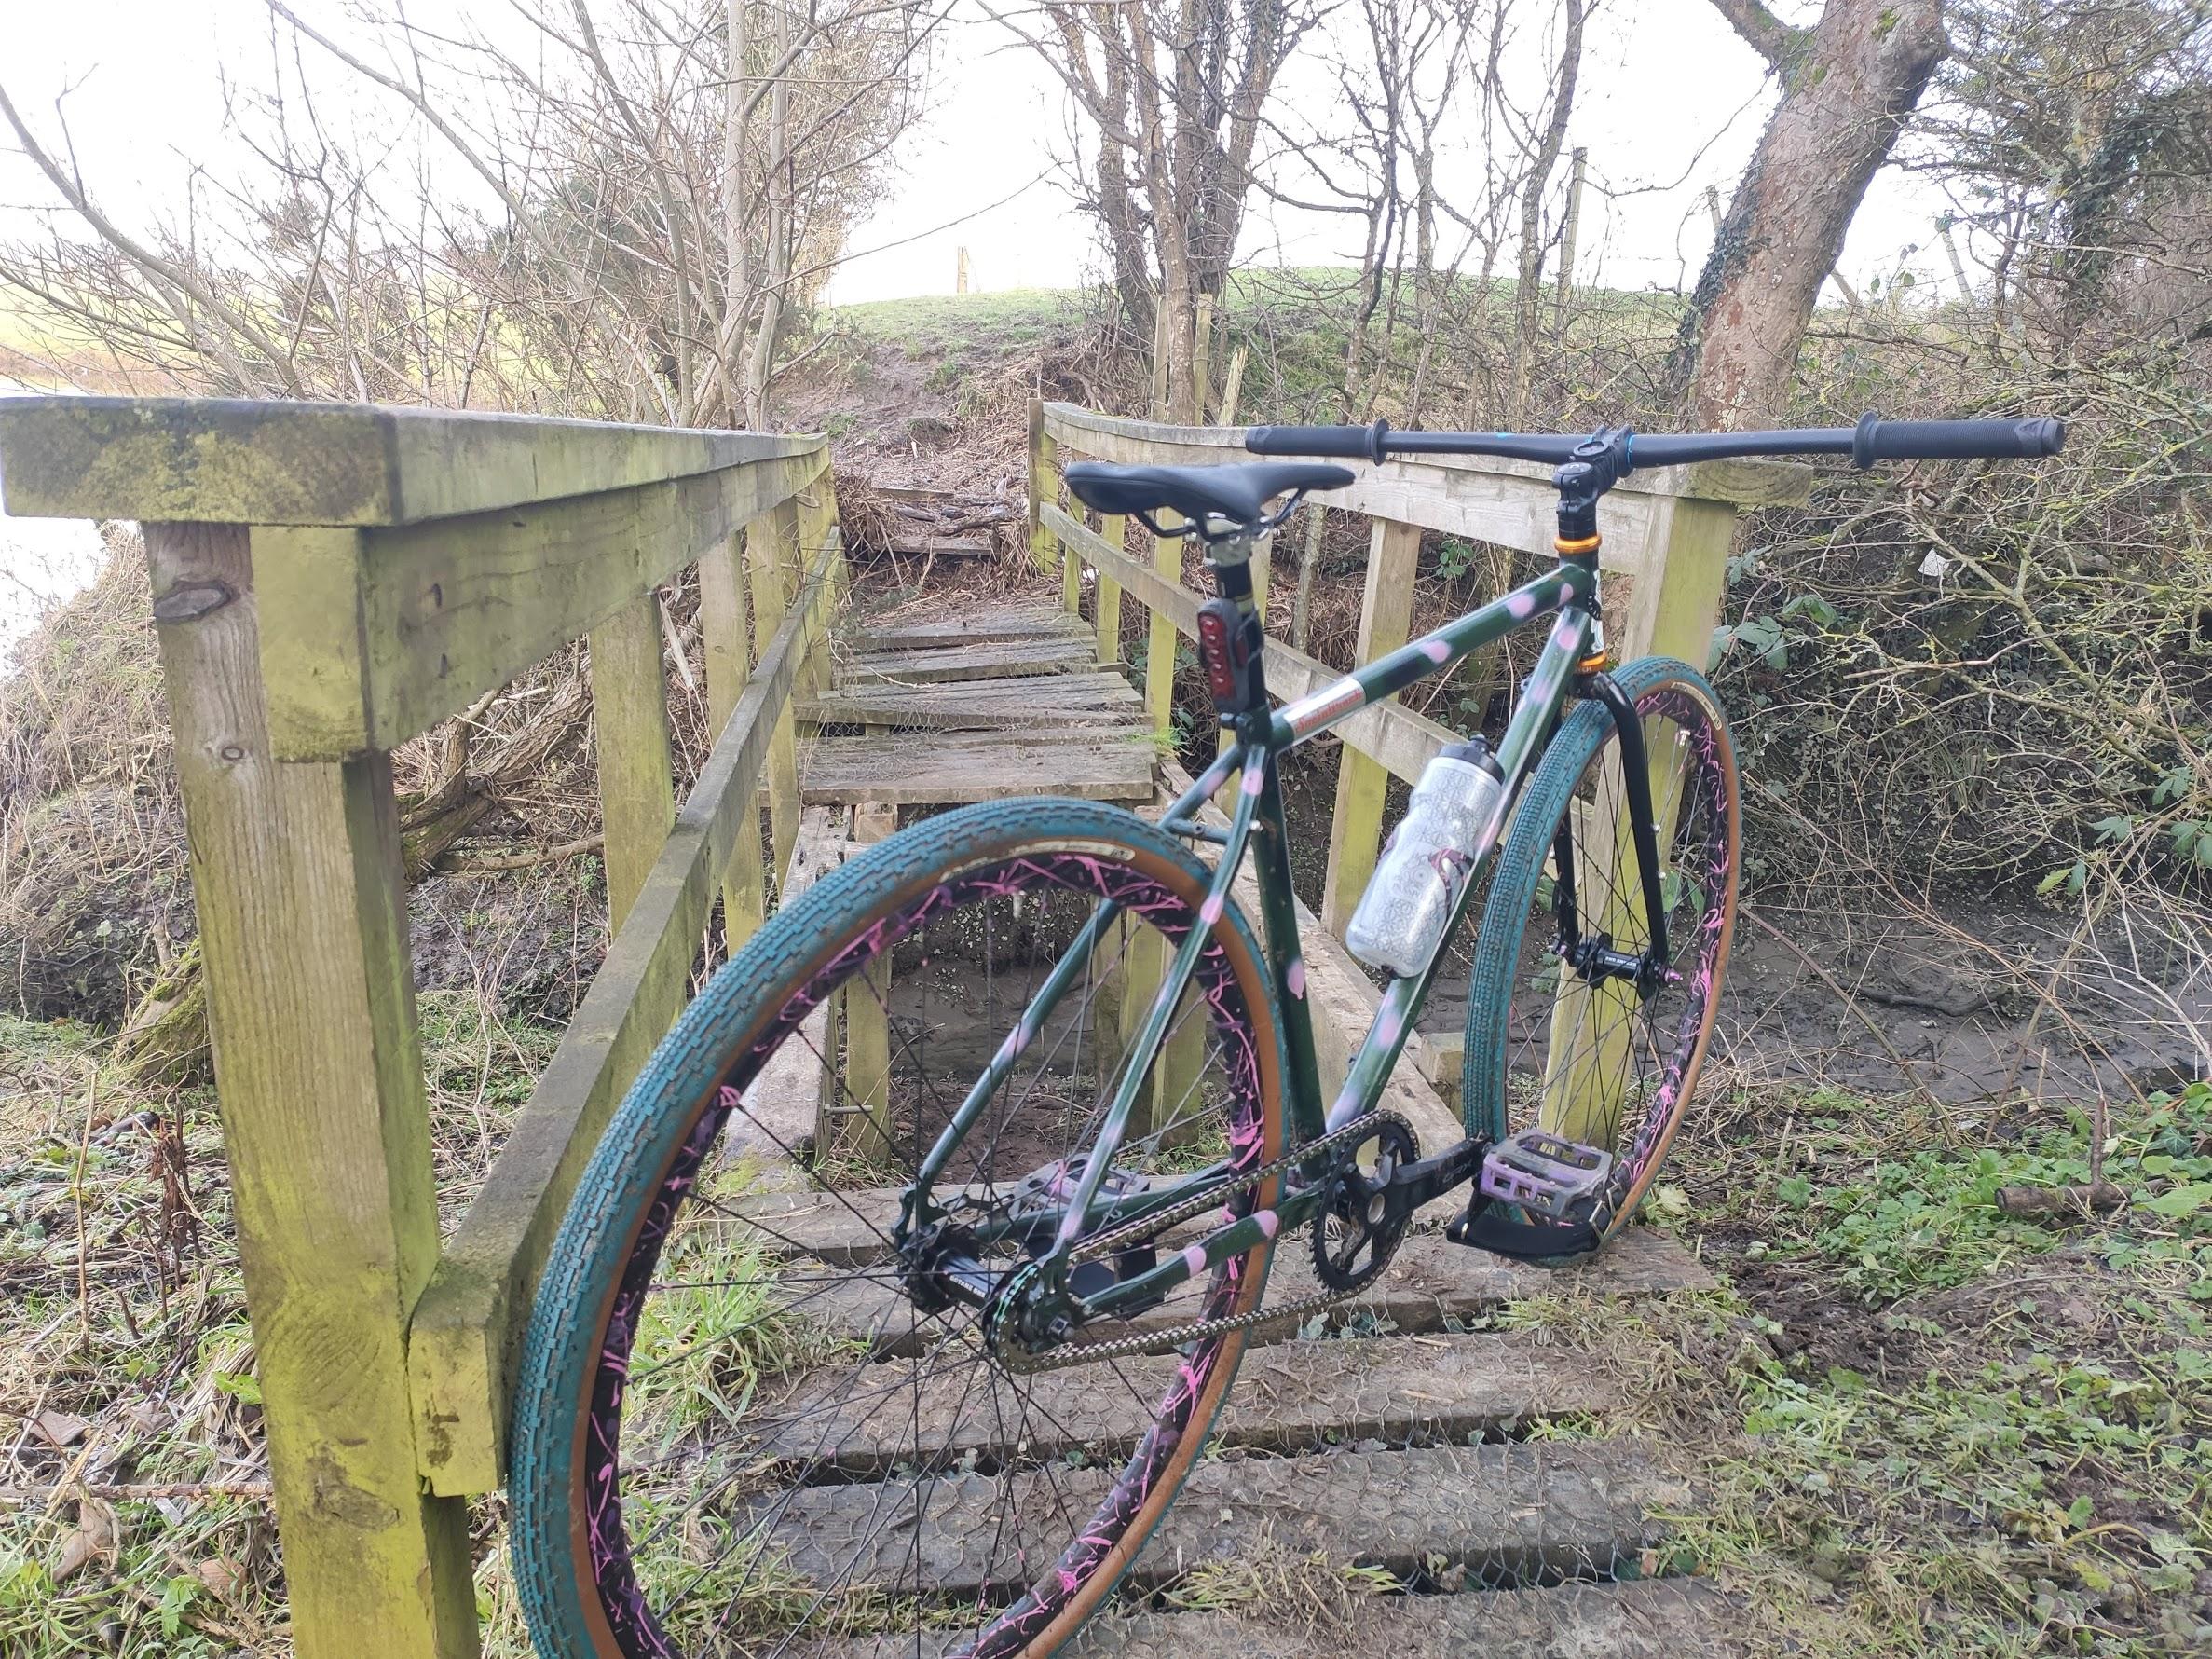 tracklocross bike on broken bridge